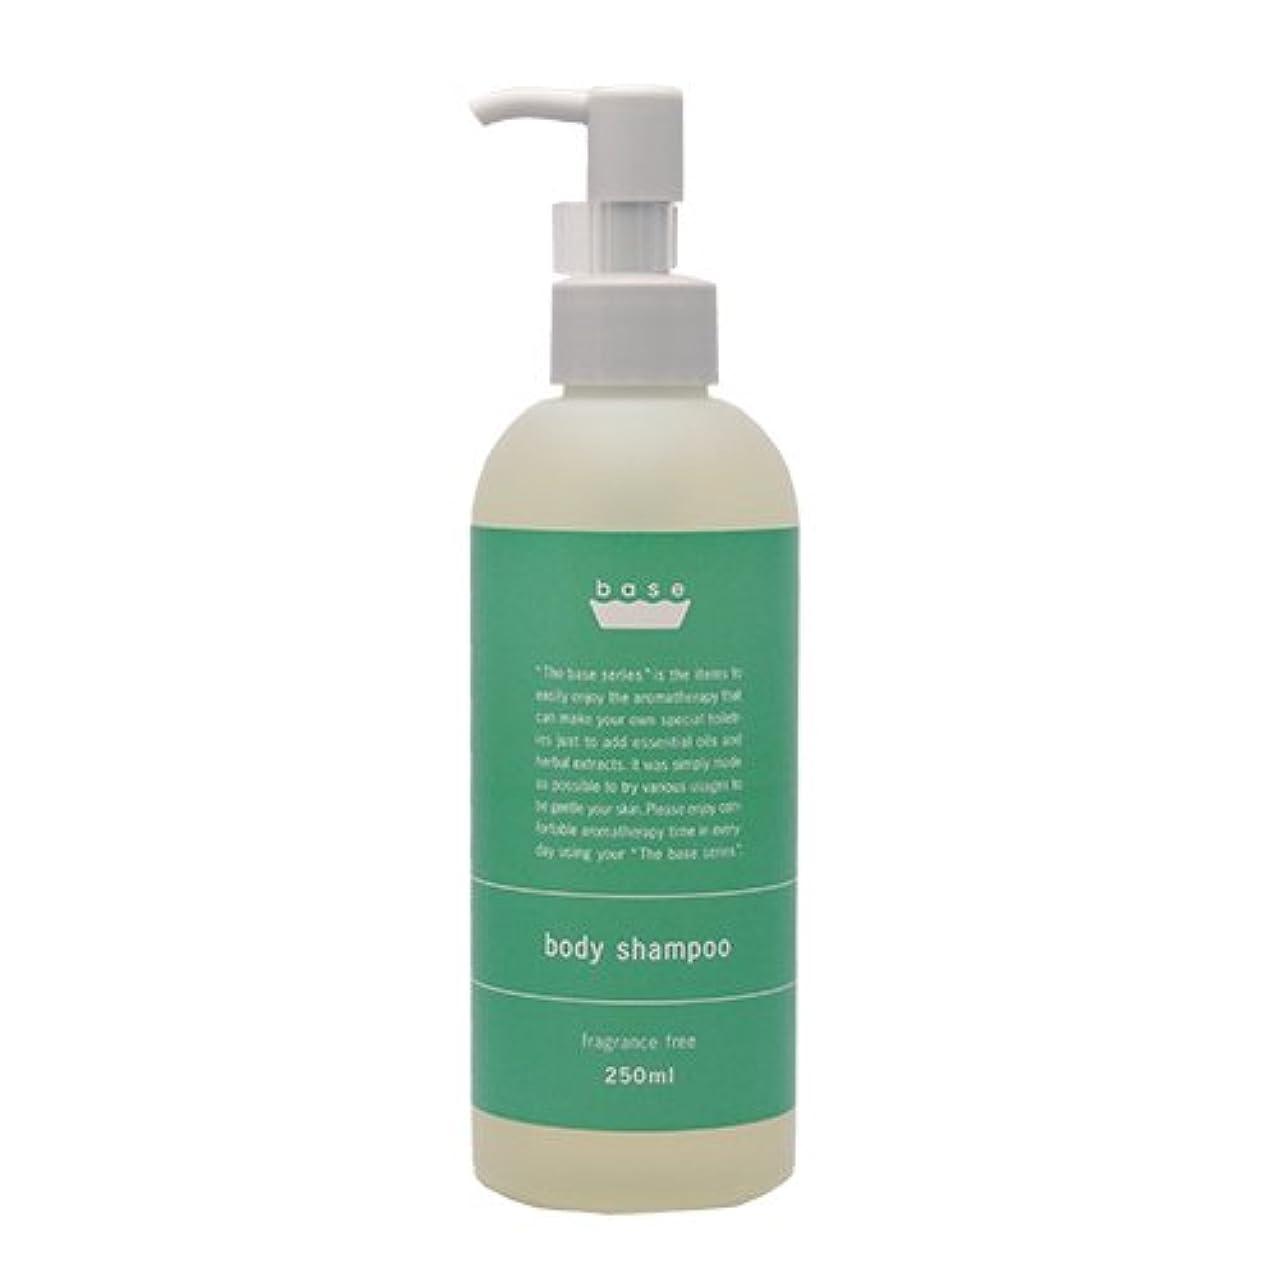 マトロン蒸留エクステントフレーバーライフ(Flavor Life) フレーバーライフ base body shampoo(ボディーシャンプー)250ml ボディソープ